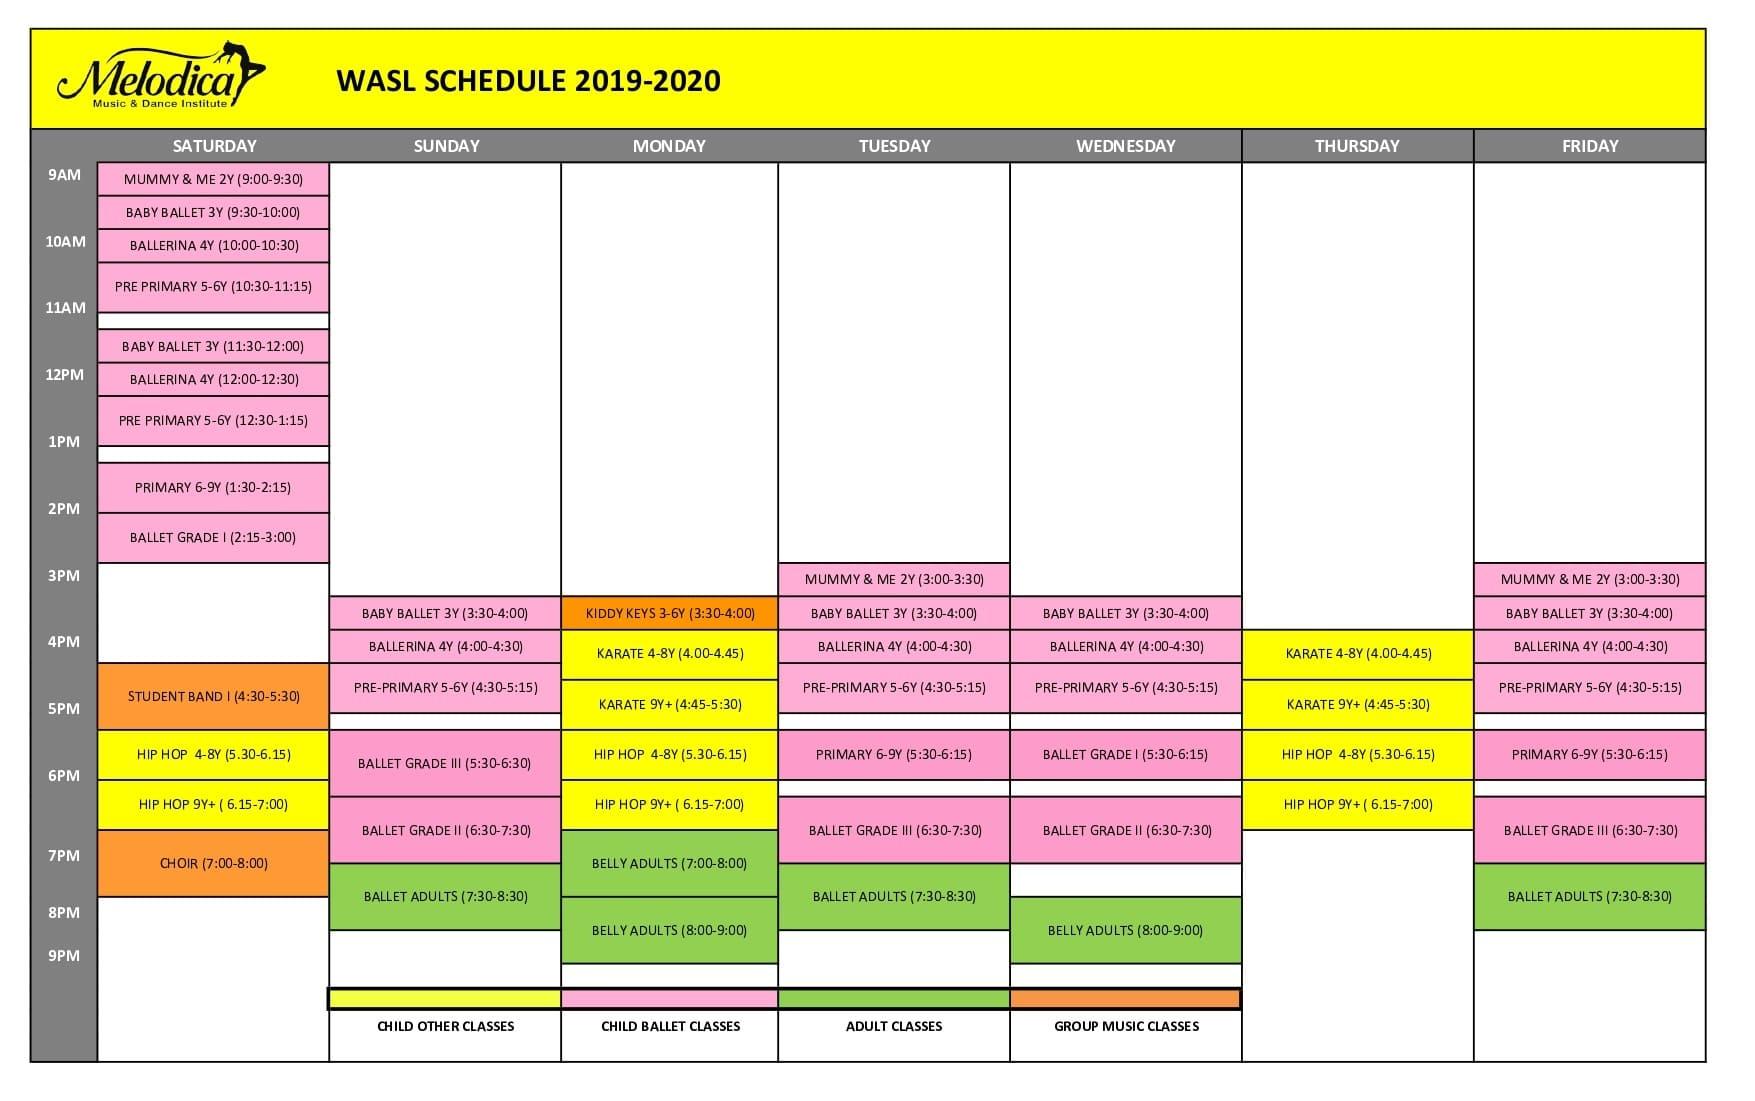 wasl time 2019-2020